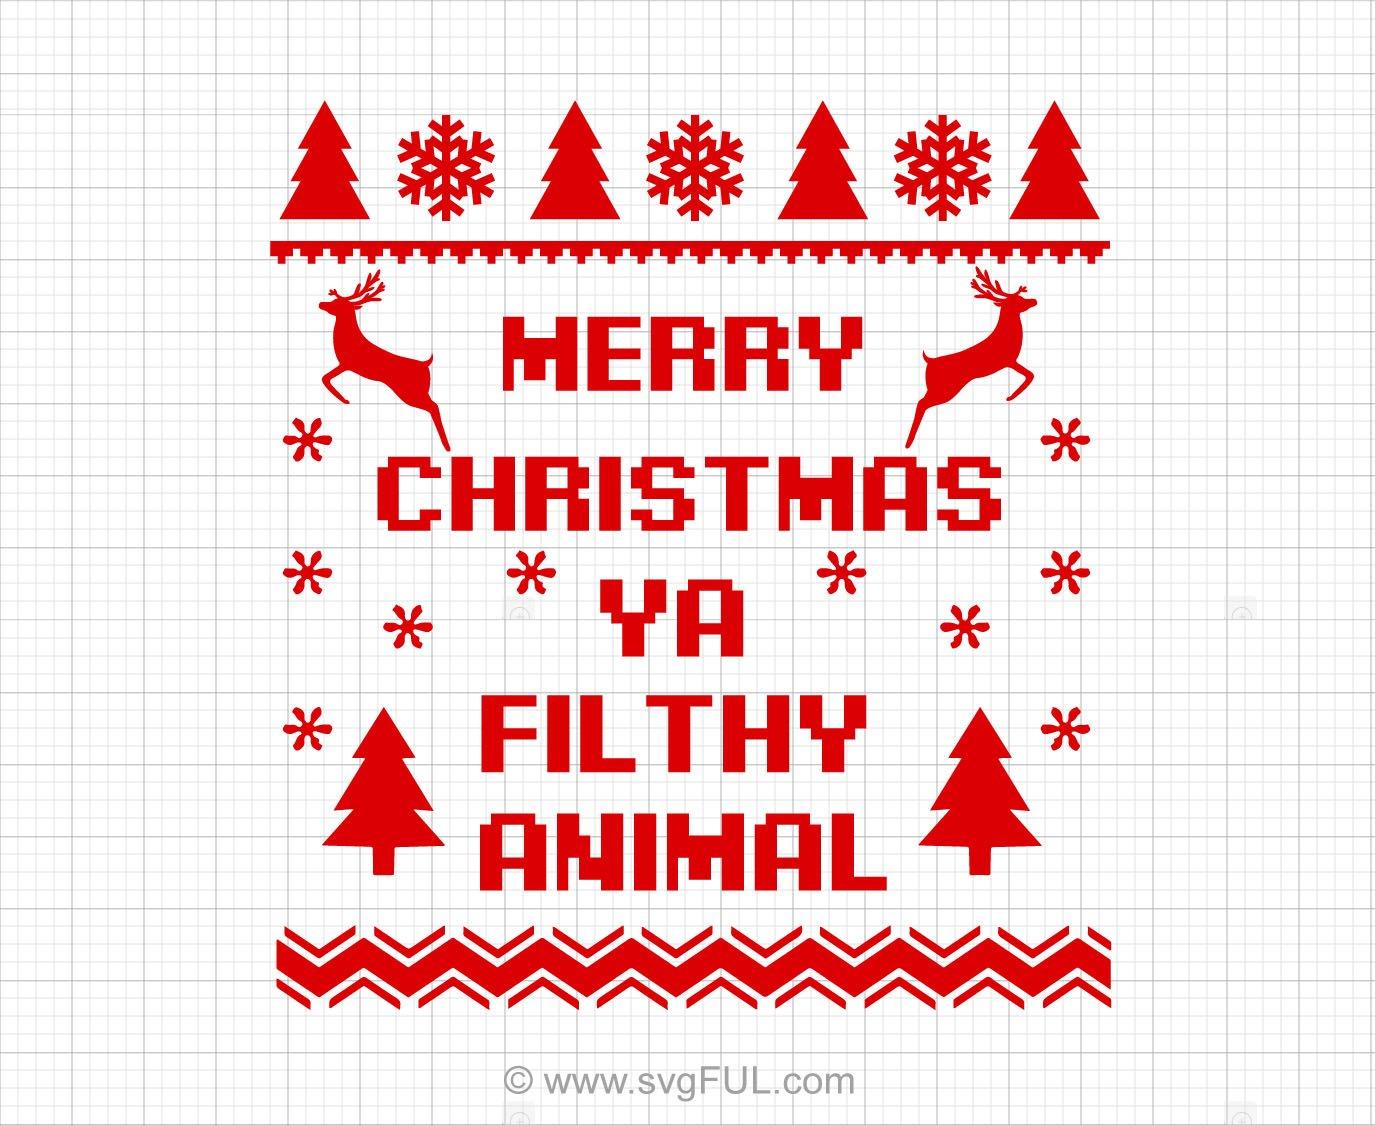 Merry Christmas Ugly Christmas Sweater Svg Saying.